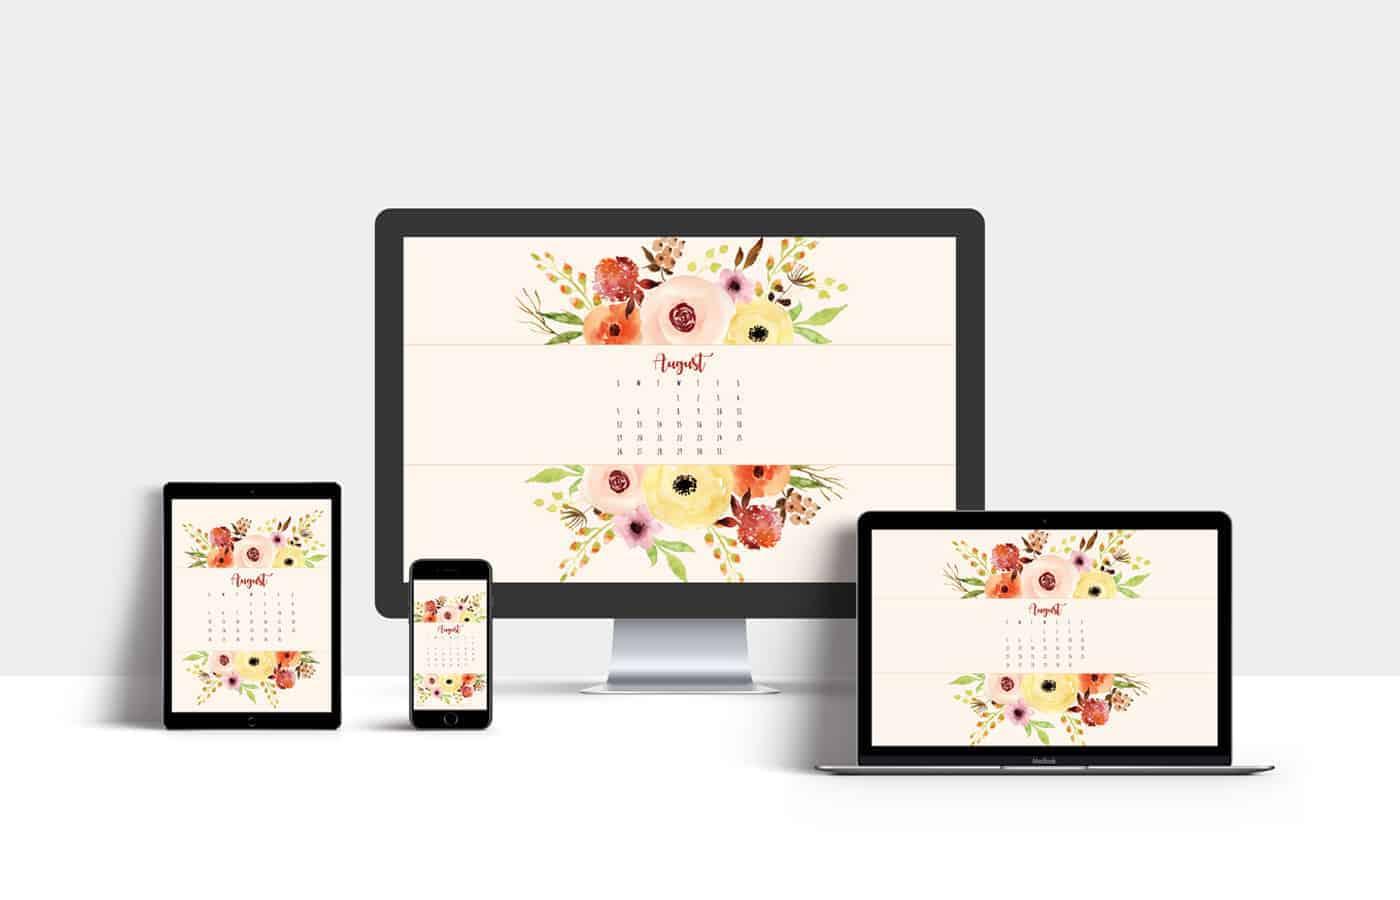 Calendar Clock Wallpaper : Free august 2018 calendar wallpaper instant download